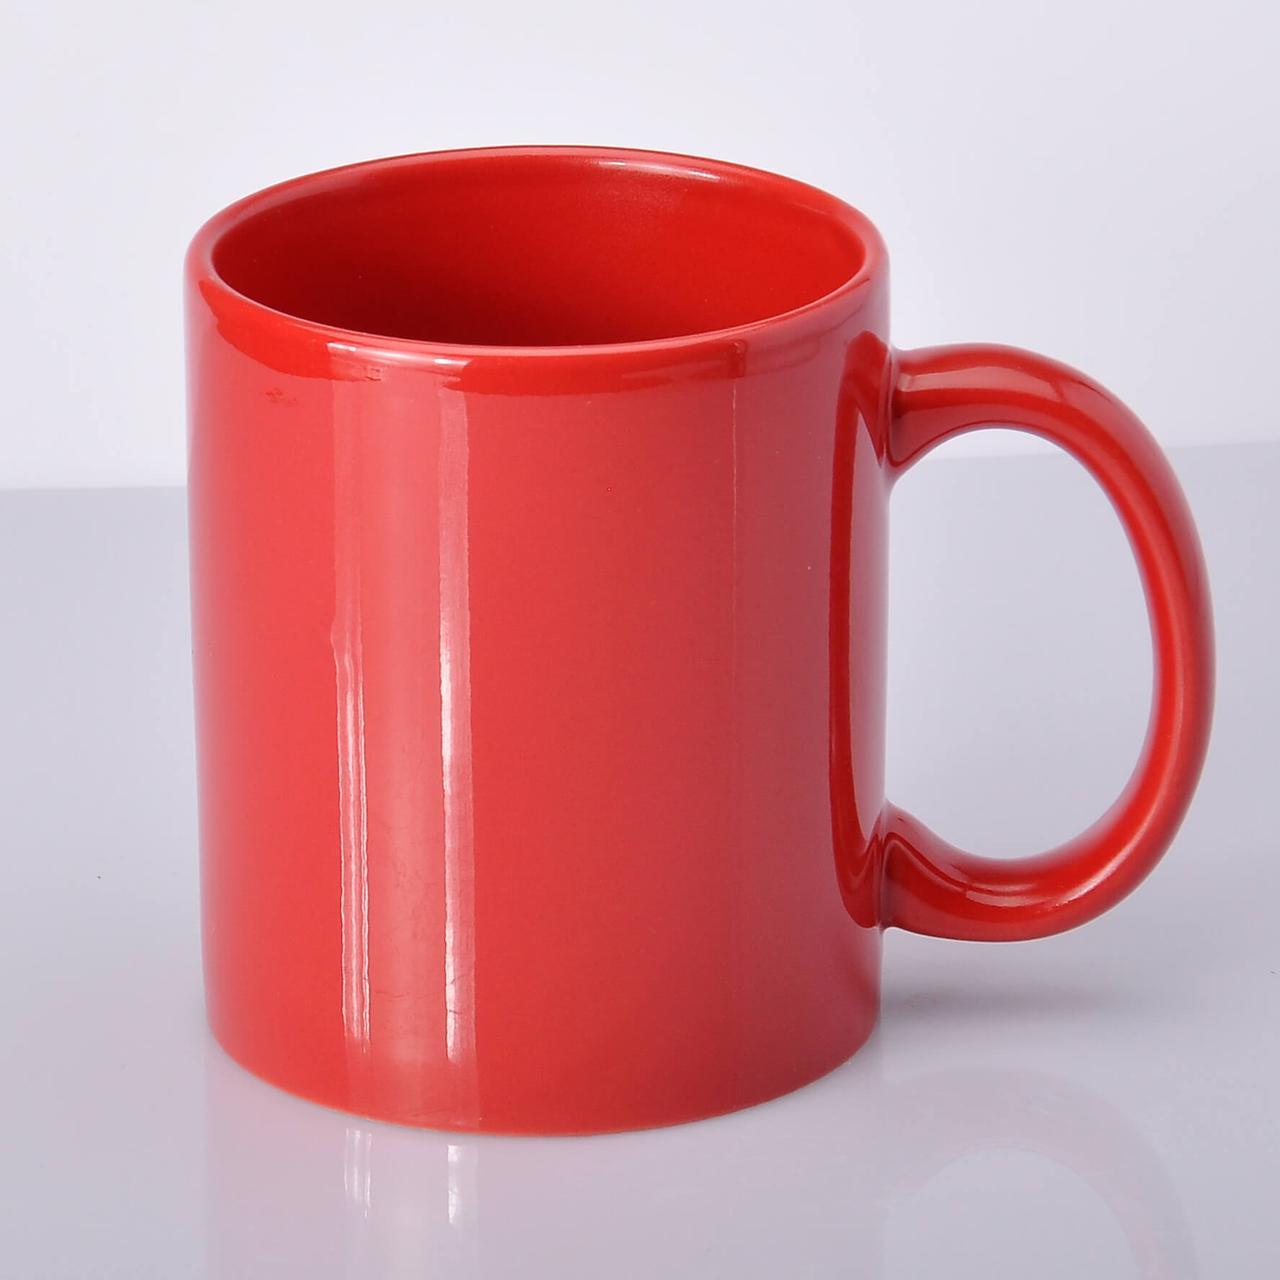 Чашка для сублимации цветная FullColor 330 мл Красная